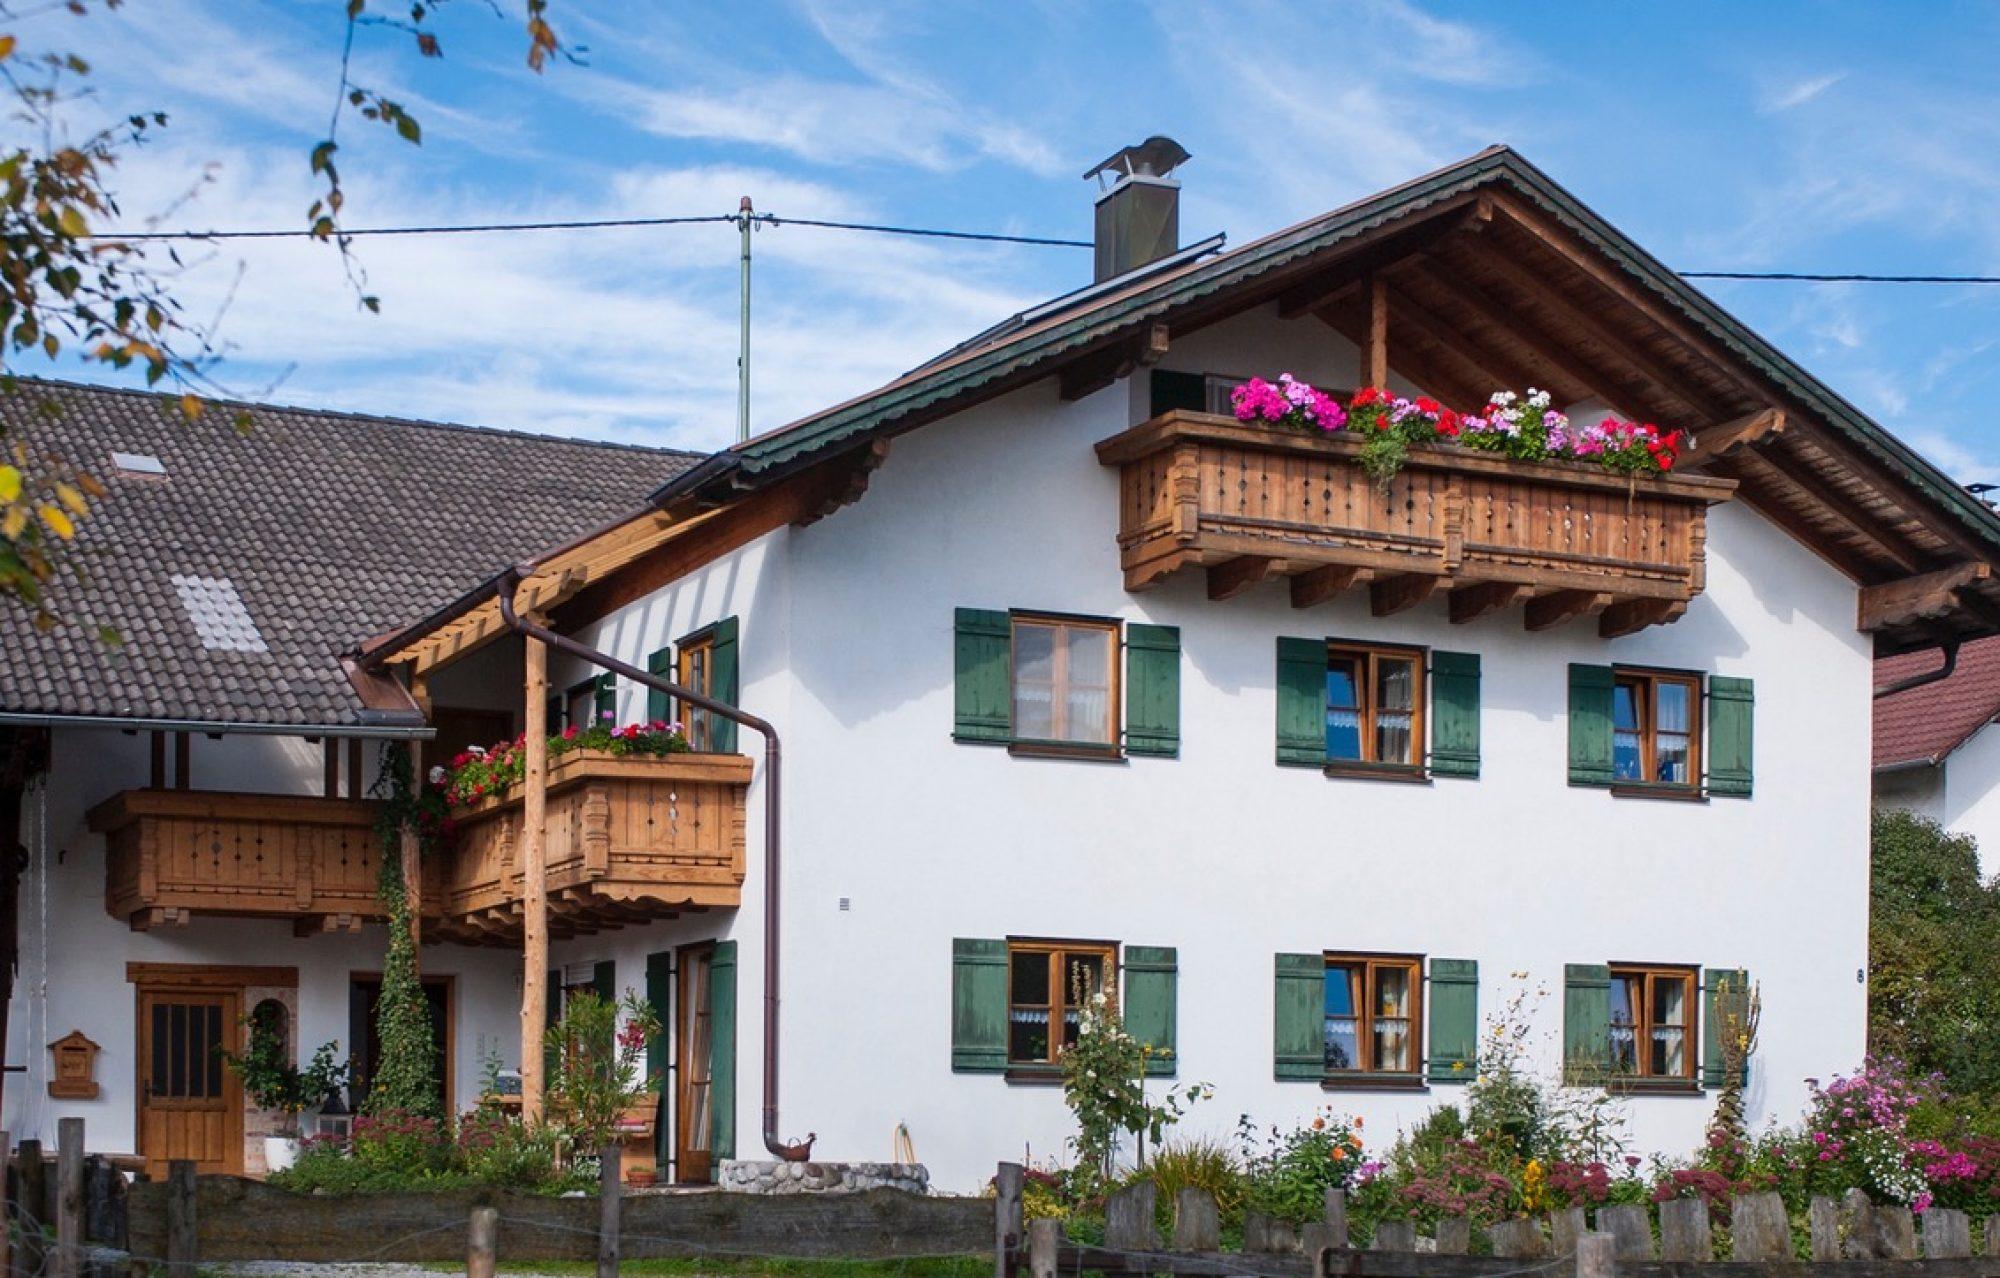 Ferienhof Scholz Burggen